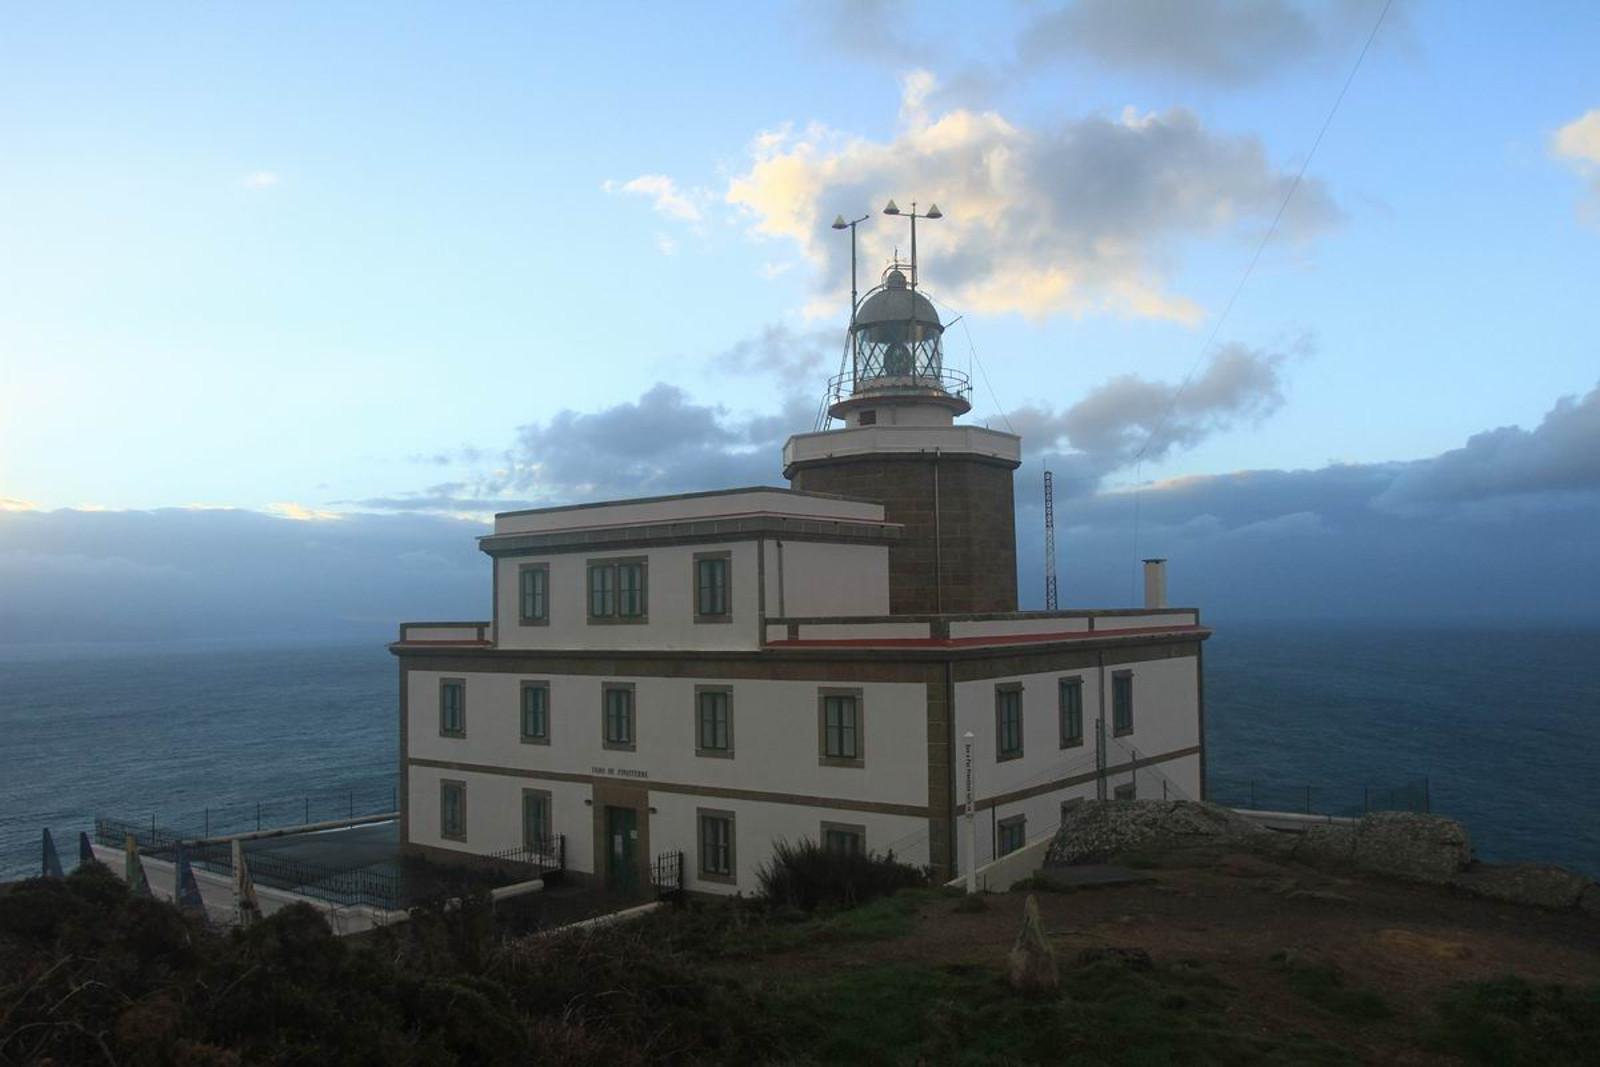 Переговоры испанцев и американцев (Маяк А-853 Fisterra Lighthouse)